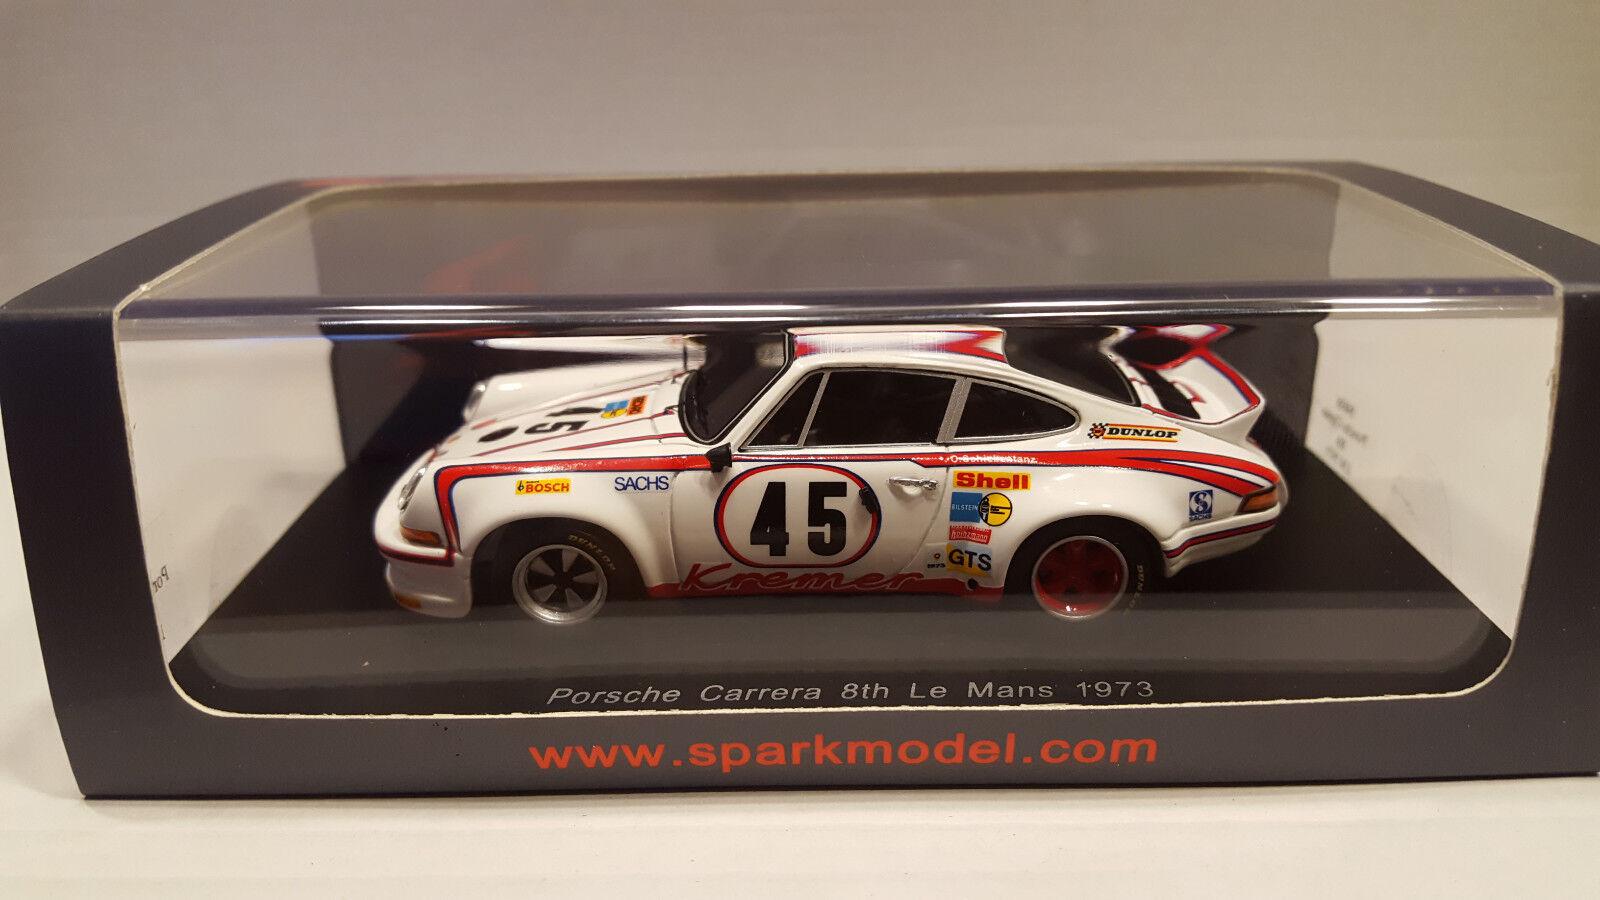 SPARK 2017 Porsche 1973 CARRERA NR 45 8th Le Mans Blanc vitrinenbox